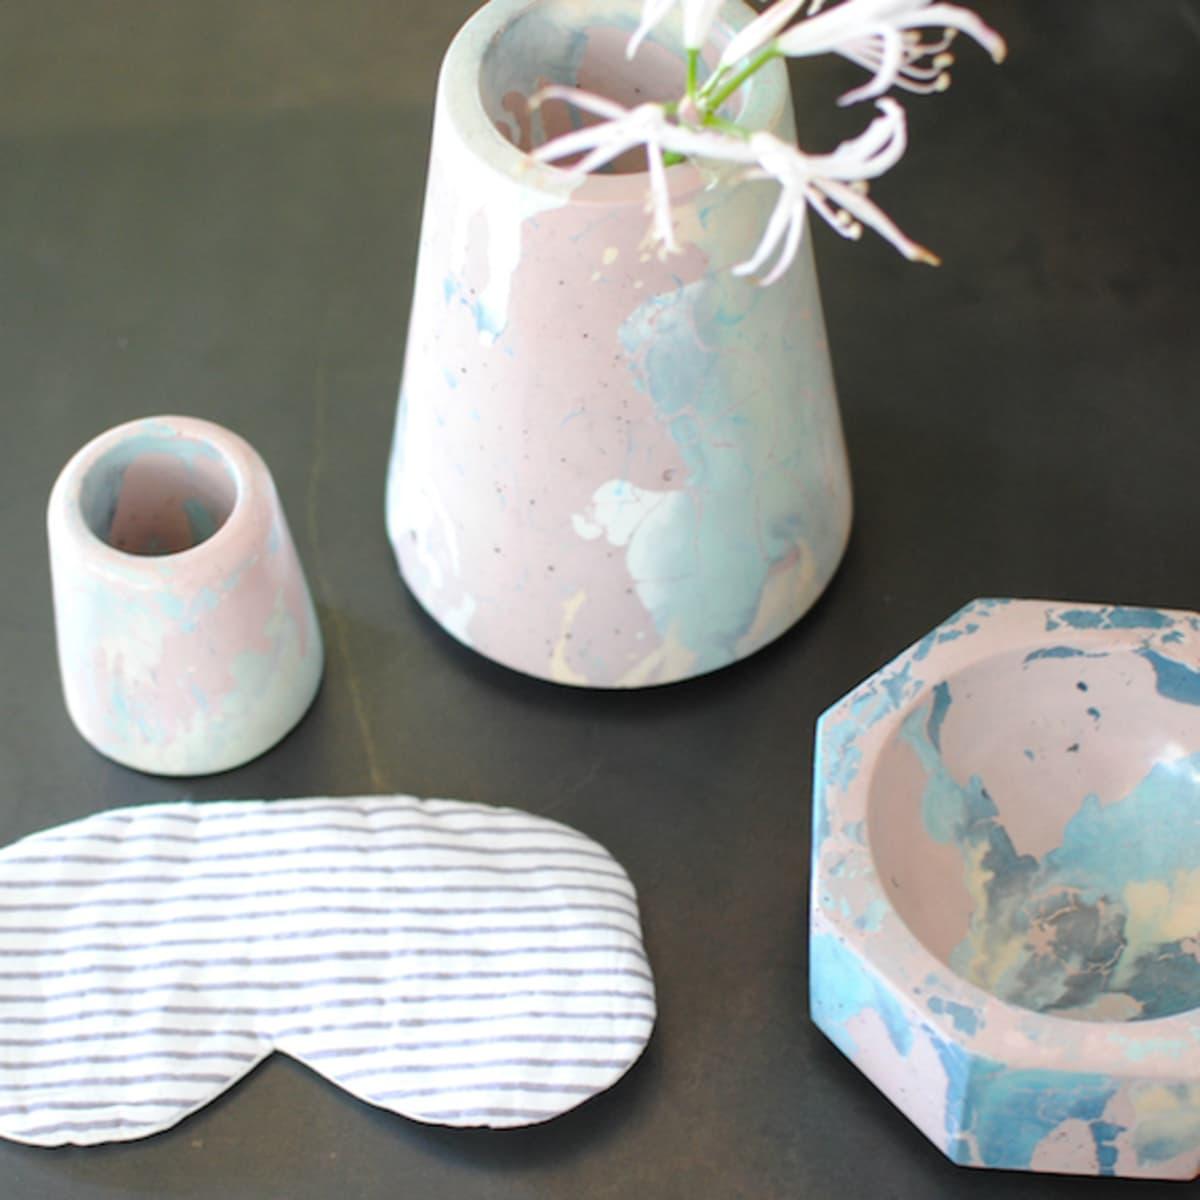 South Congress Hotel Shop concrete cat bowls vases